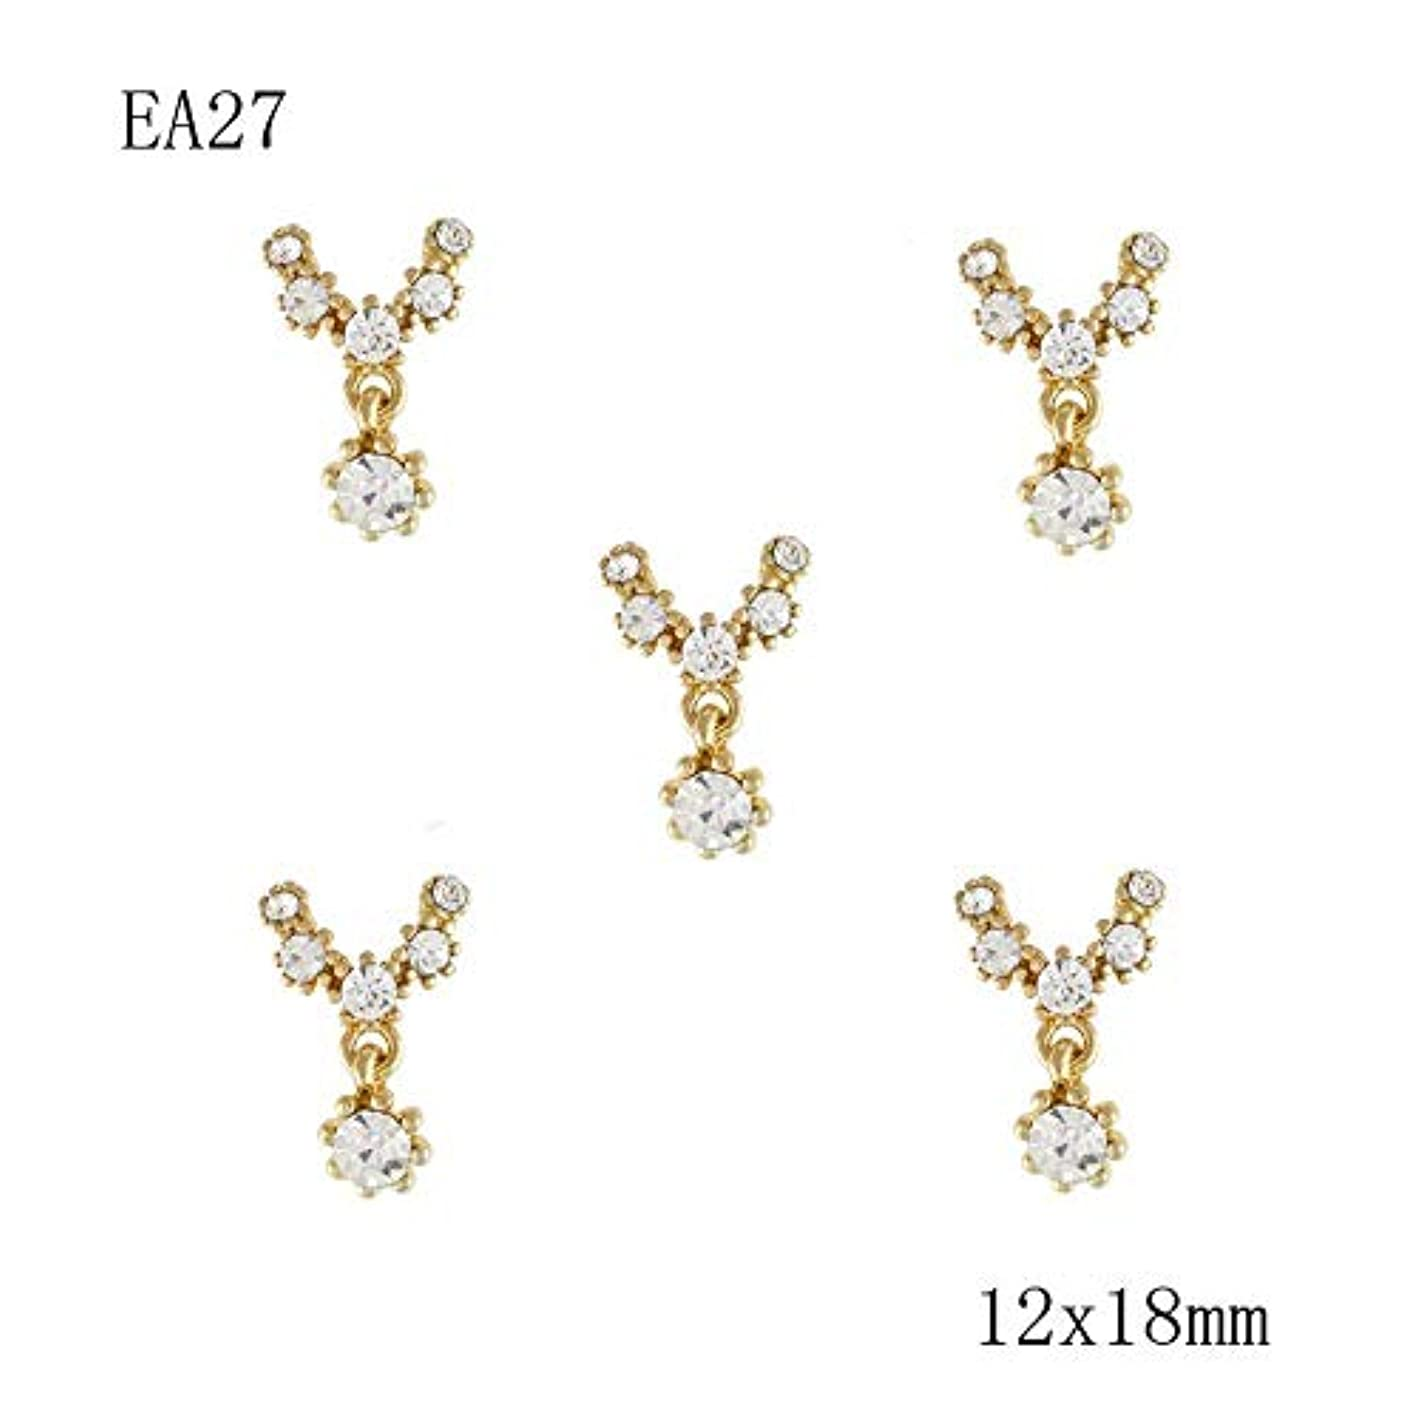 確かなごめんなさい納税者10PCS金銀金属の3Dダイヤモンドネイルアートクリスマスの装飾の魅力の爪は、ラインストーンネイル用品の宝石クリスマスのキラキラ,21